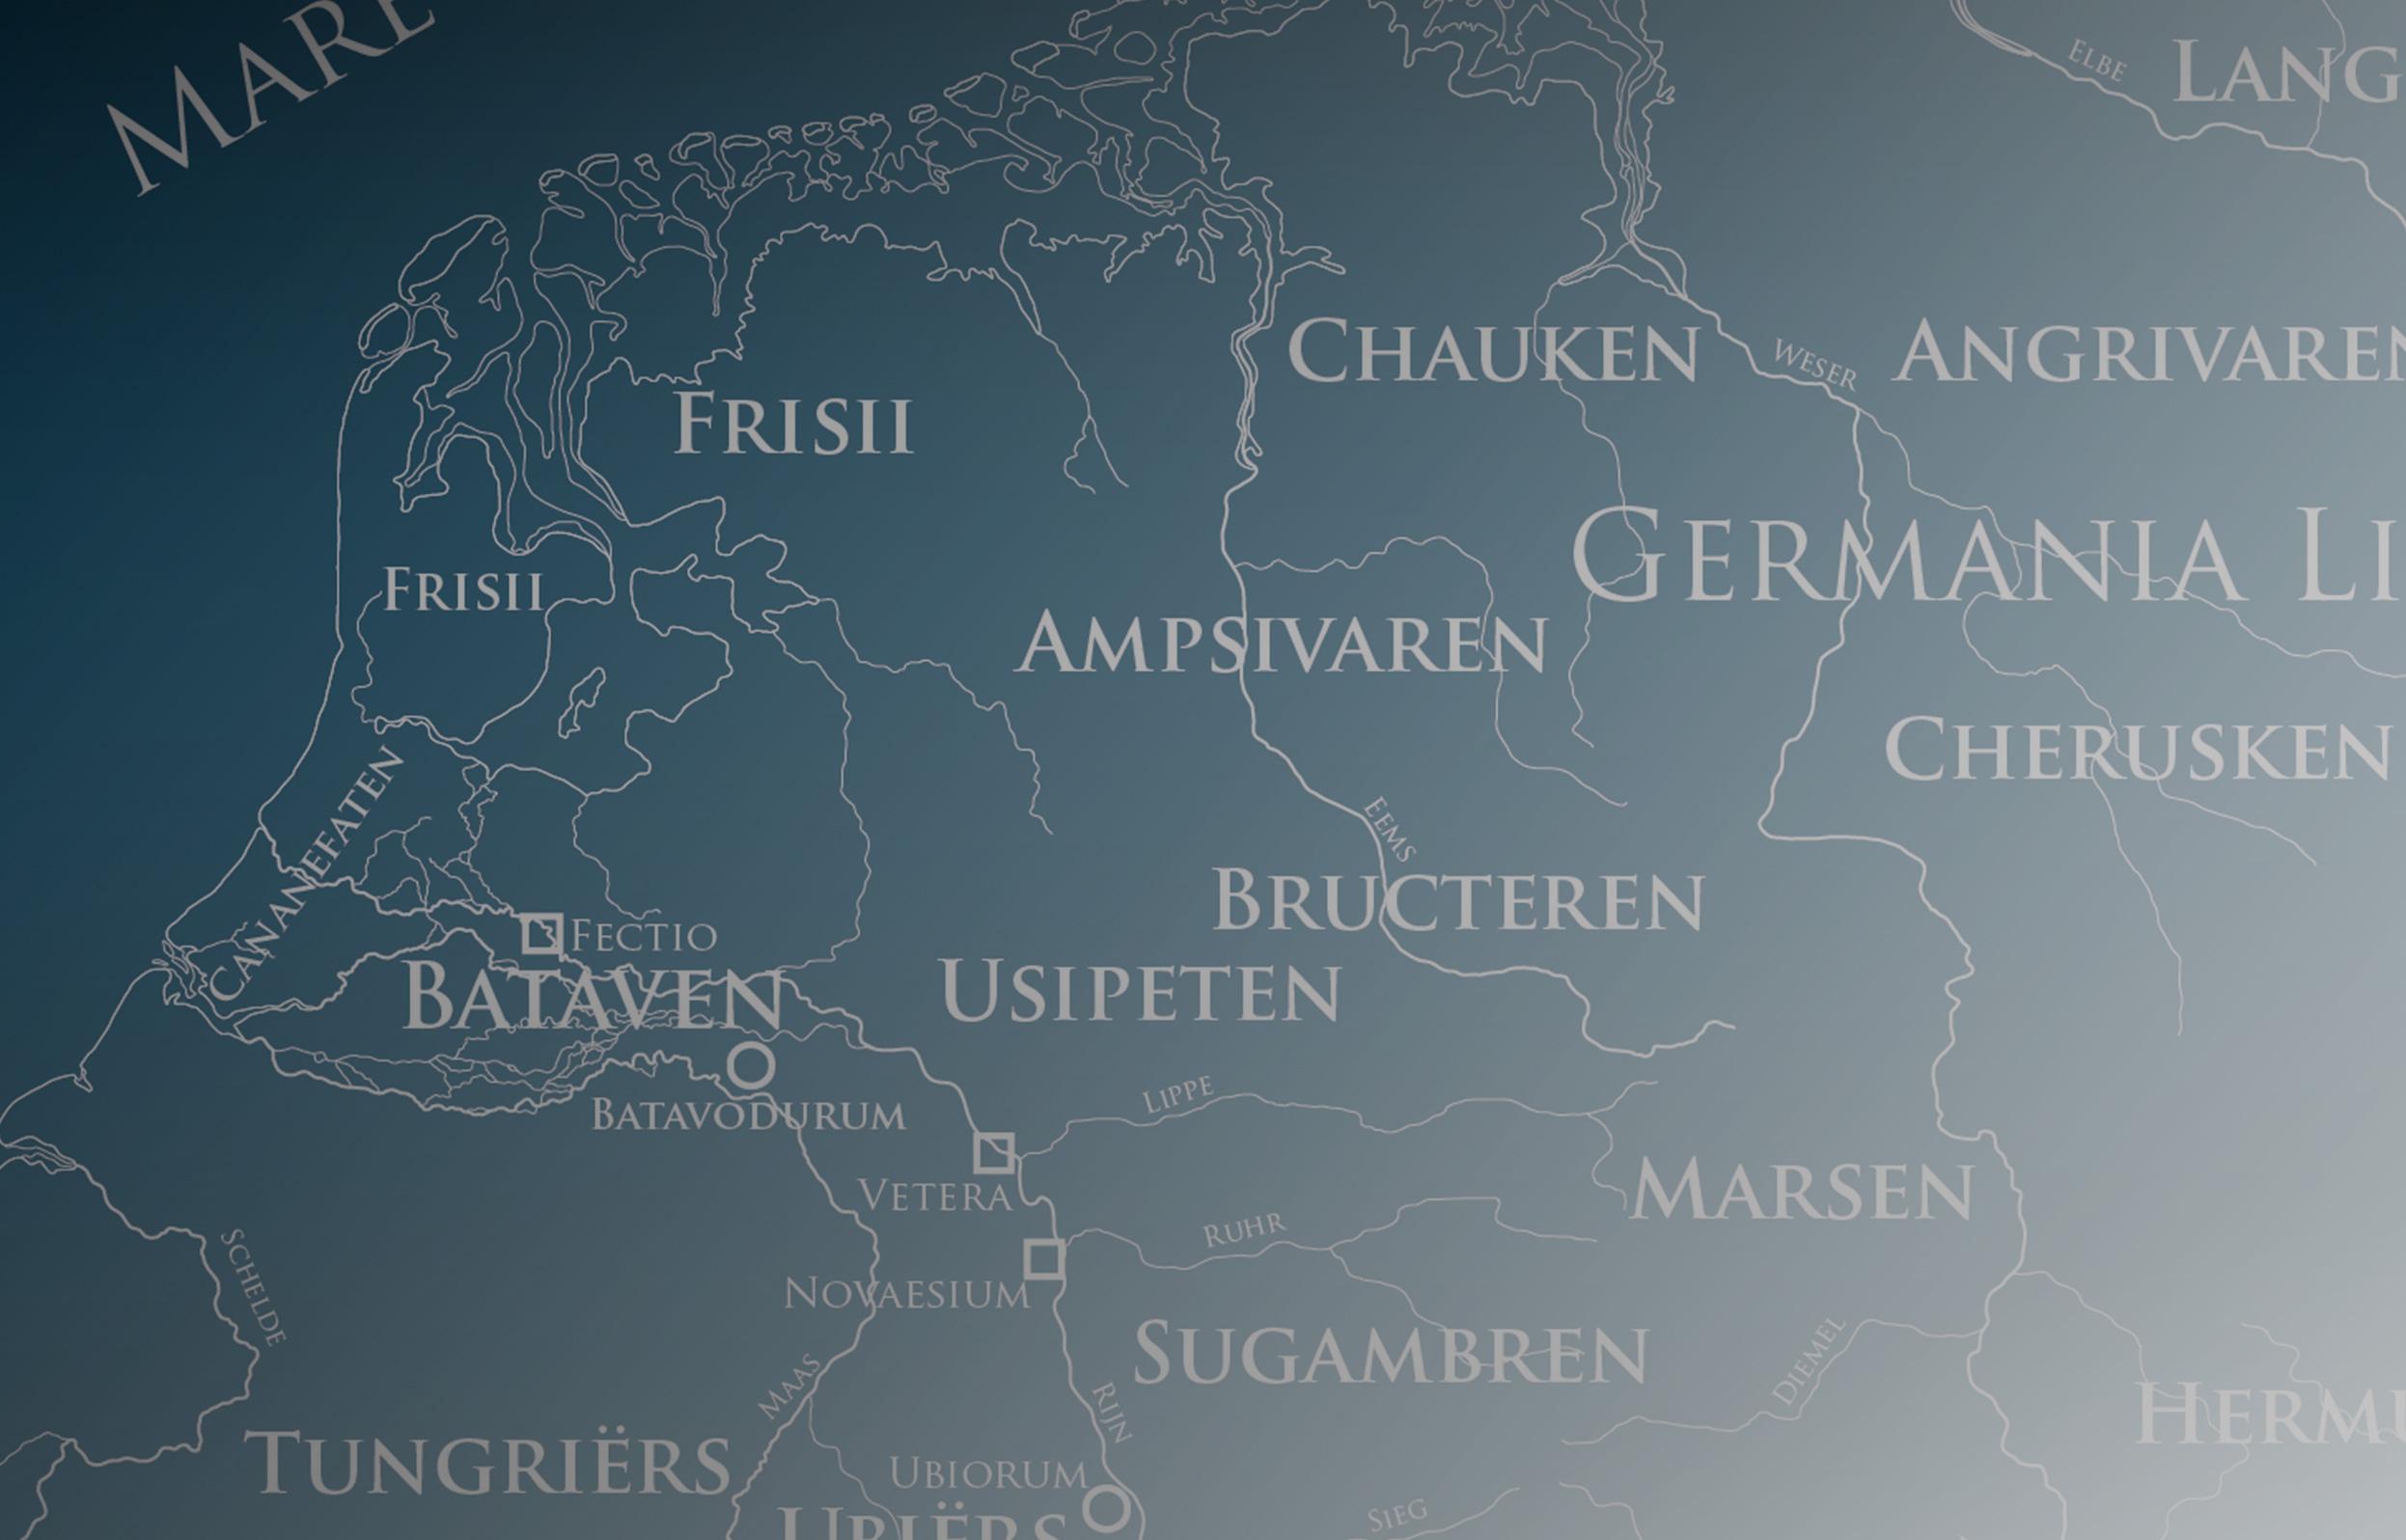 Wee-de-Overwonnen-Header-afm-2500x1596-Alexander-van-de-Bunt.jpg